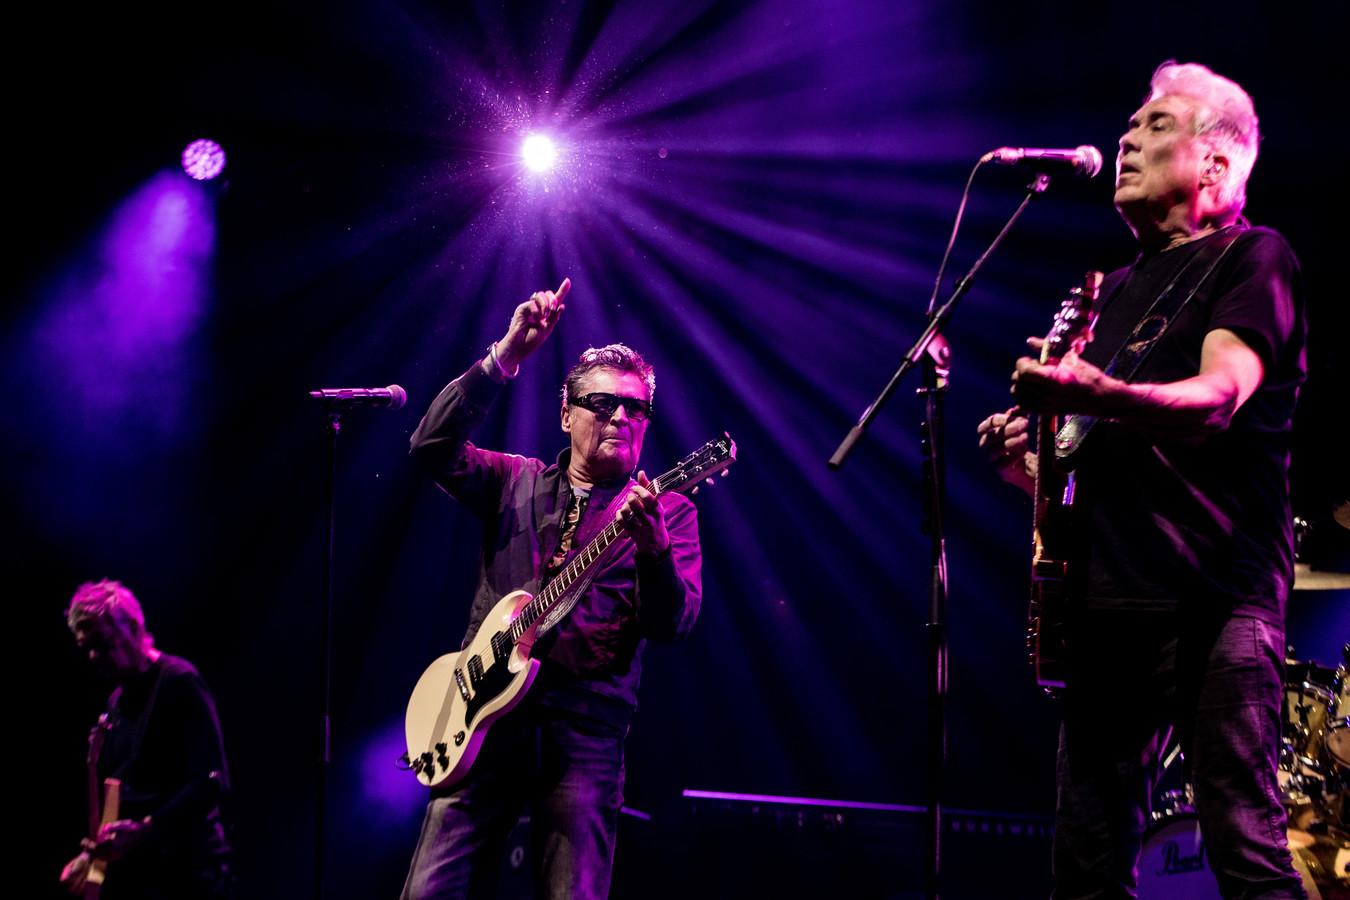 ROTTERDAM - V.l.n.r. bassist Rinus Gerritsen, zanger Barry Hay en gitarist George Kooymans van de Haagse rockband Golden Earring tijdens een concert in Ahoy in 2019.